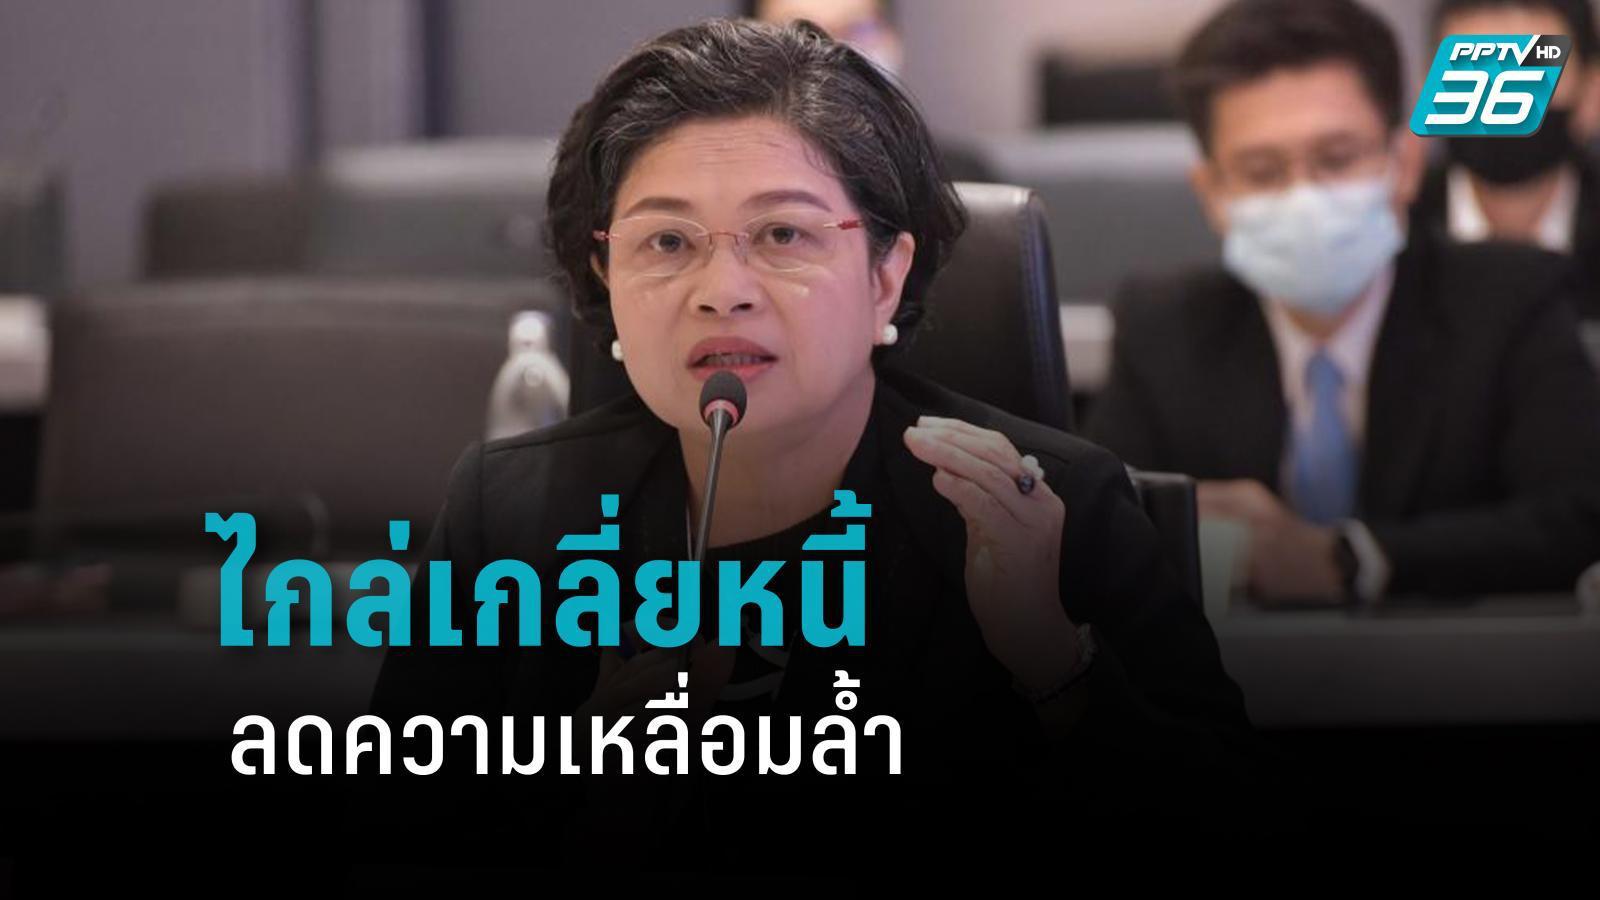 กรมบังคับคดี ช่วยไกล่เกลี่ยหนี้ทั่วไทย ลดความเหลื่อมล้ำ